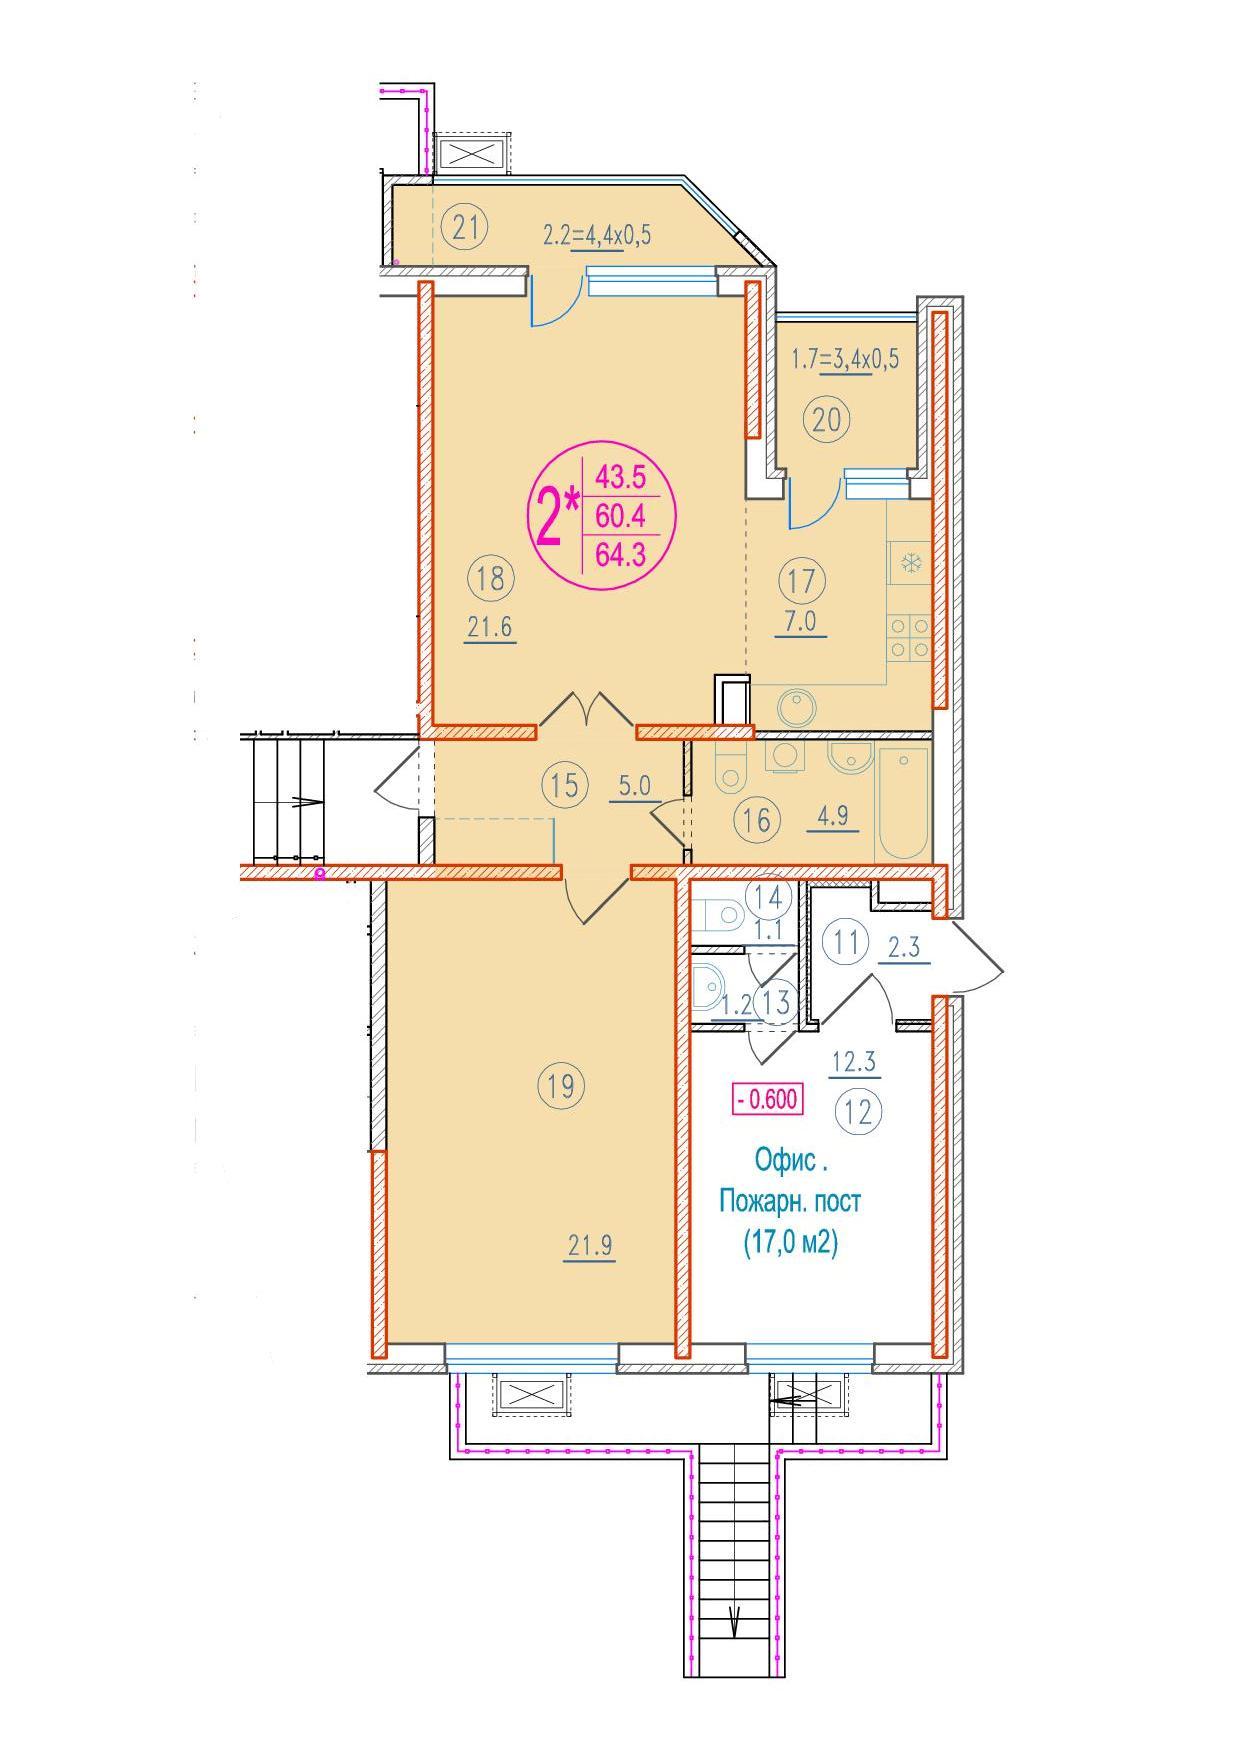 2-комнатная смарт 64.3<span>м<sup>2</sup></span>